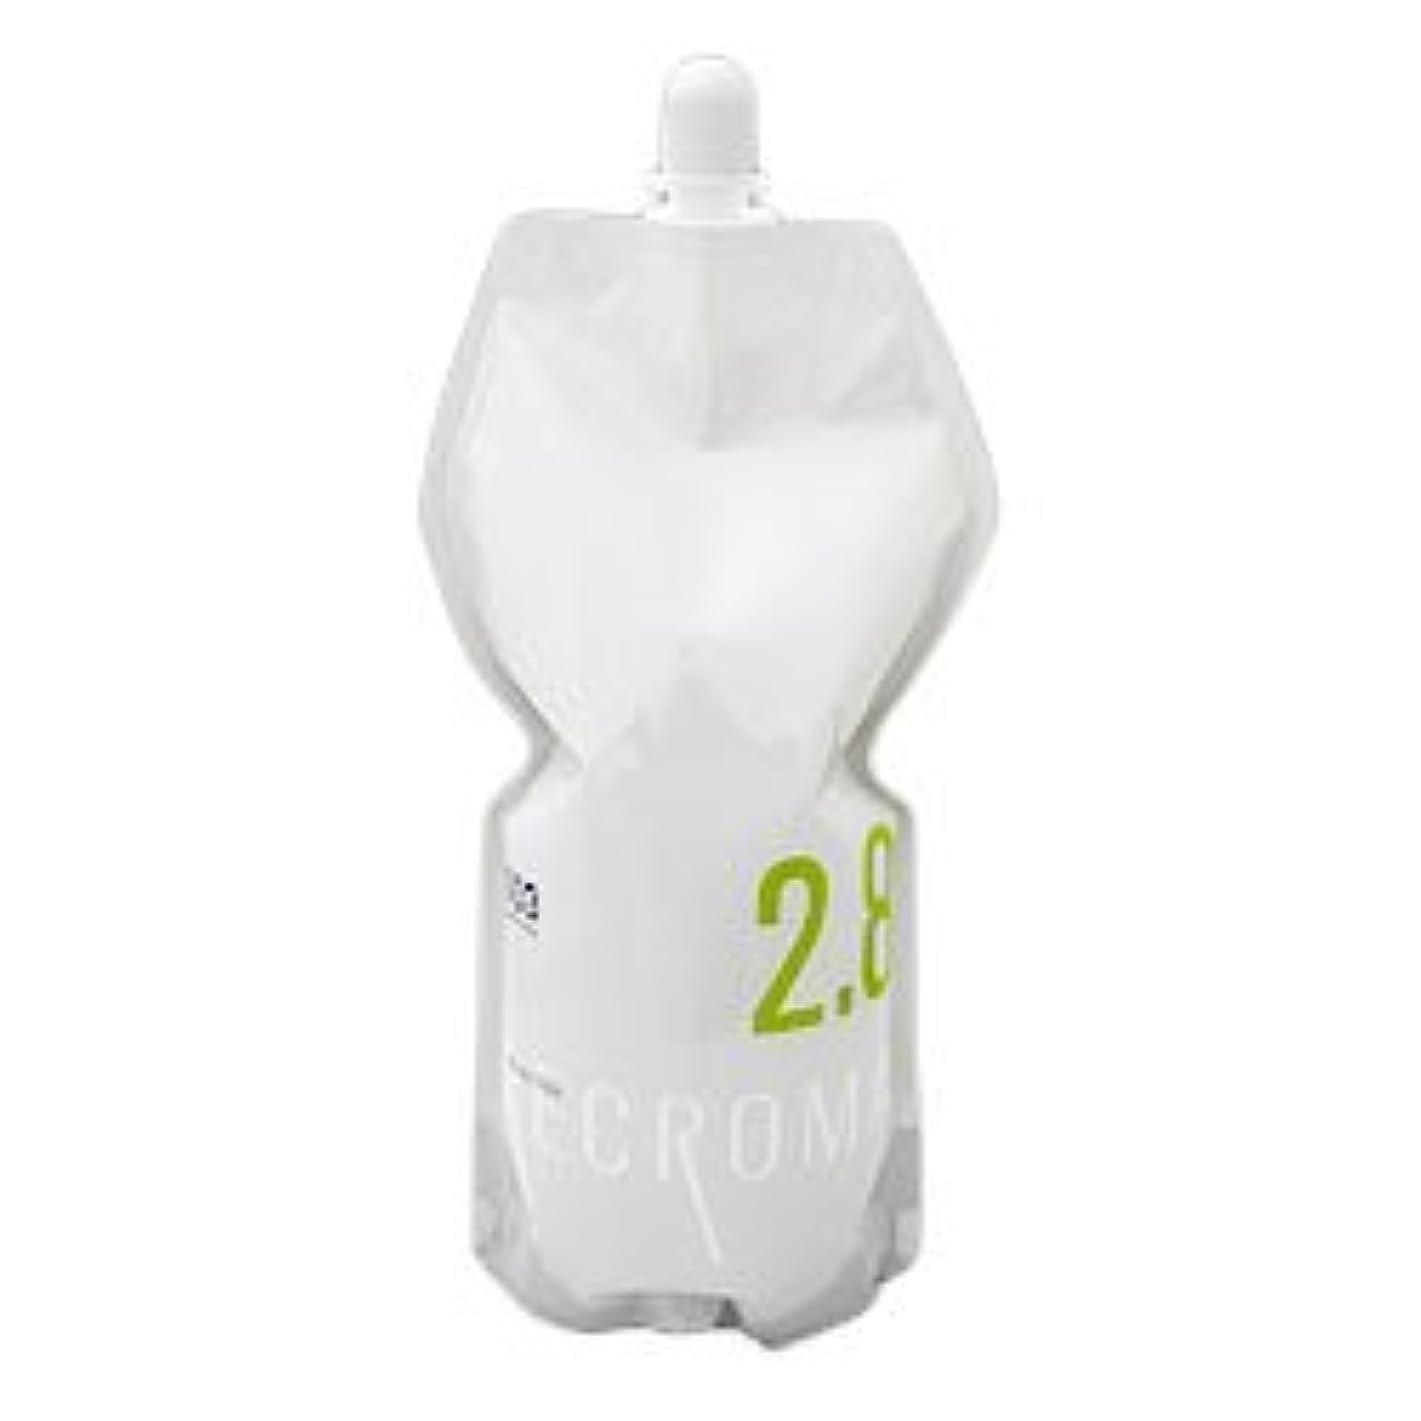 振り返る知人リズムナンバースリー リクロマ オキシ OX 1200ml (レフィル) 2.8% 【ヘアカラー2剤】【業務用】【医薬部外品】